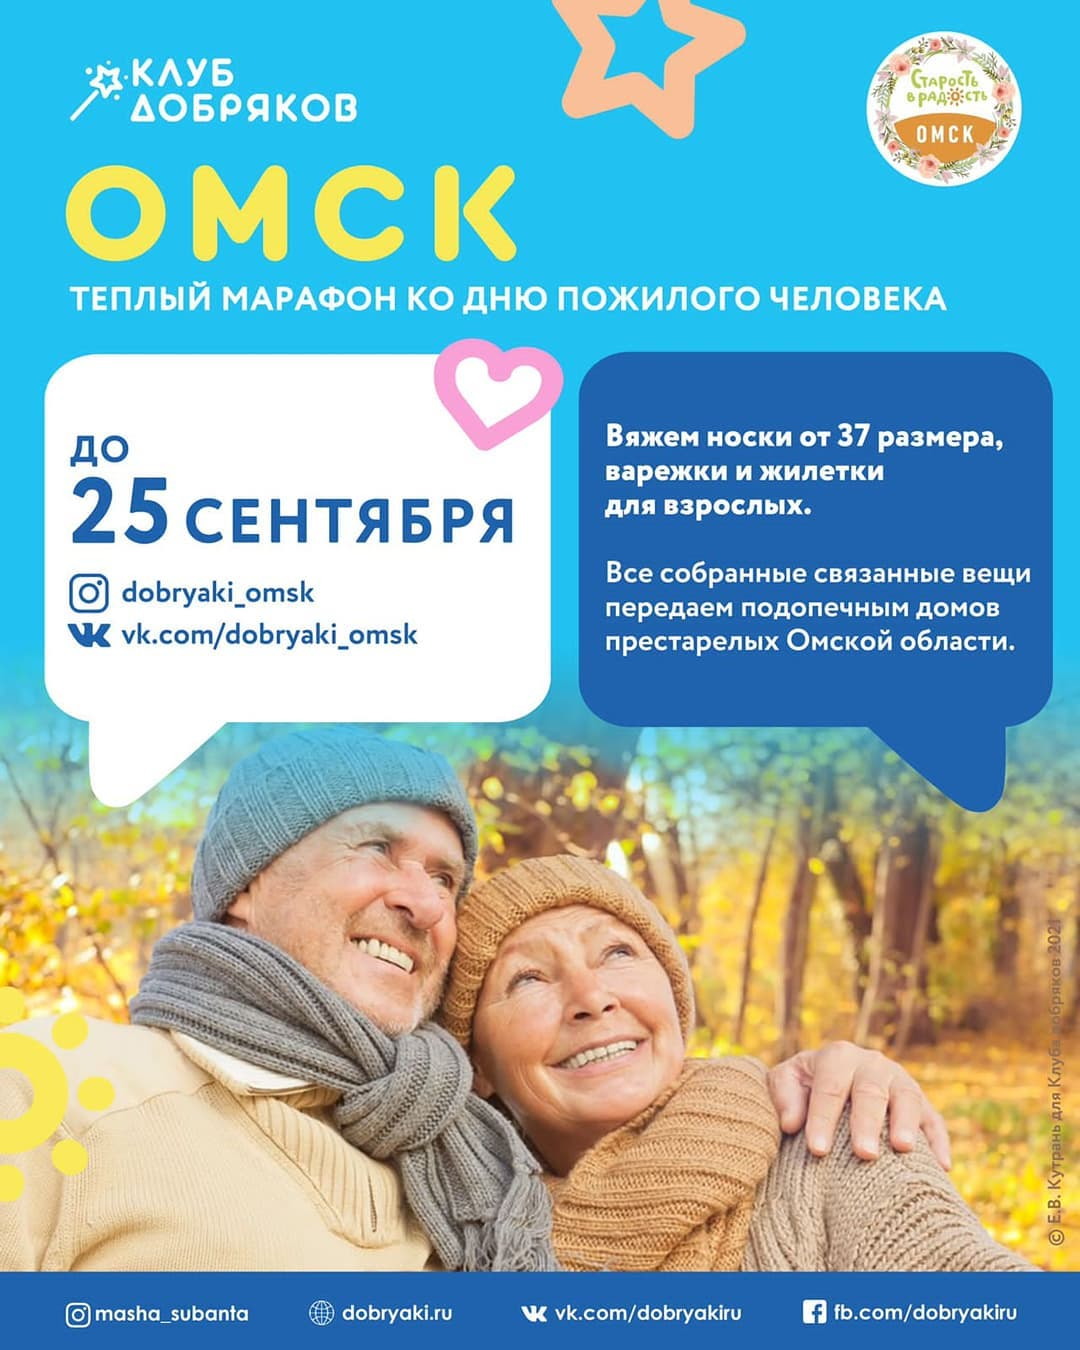 Добряки Омска проводят тёплый марафон ко Дню пожилого человека